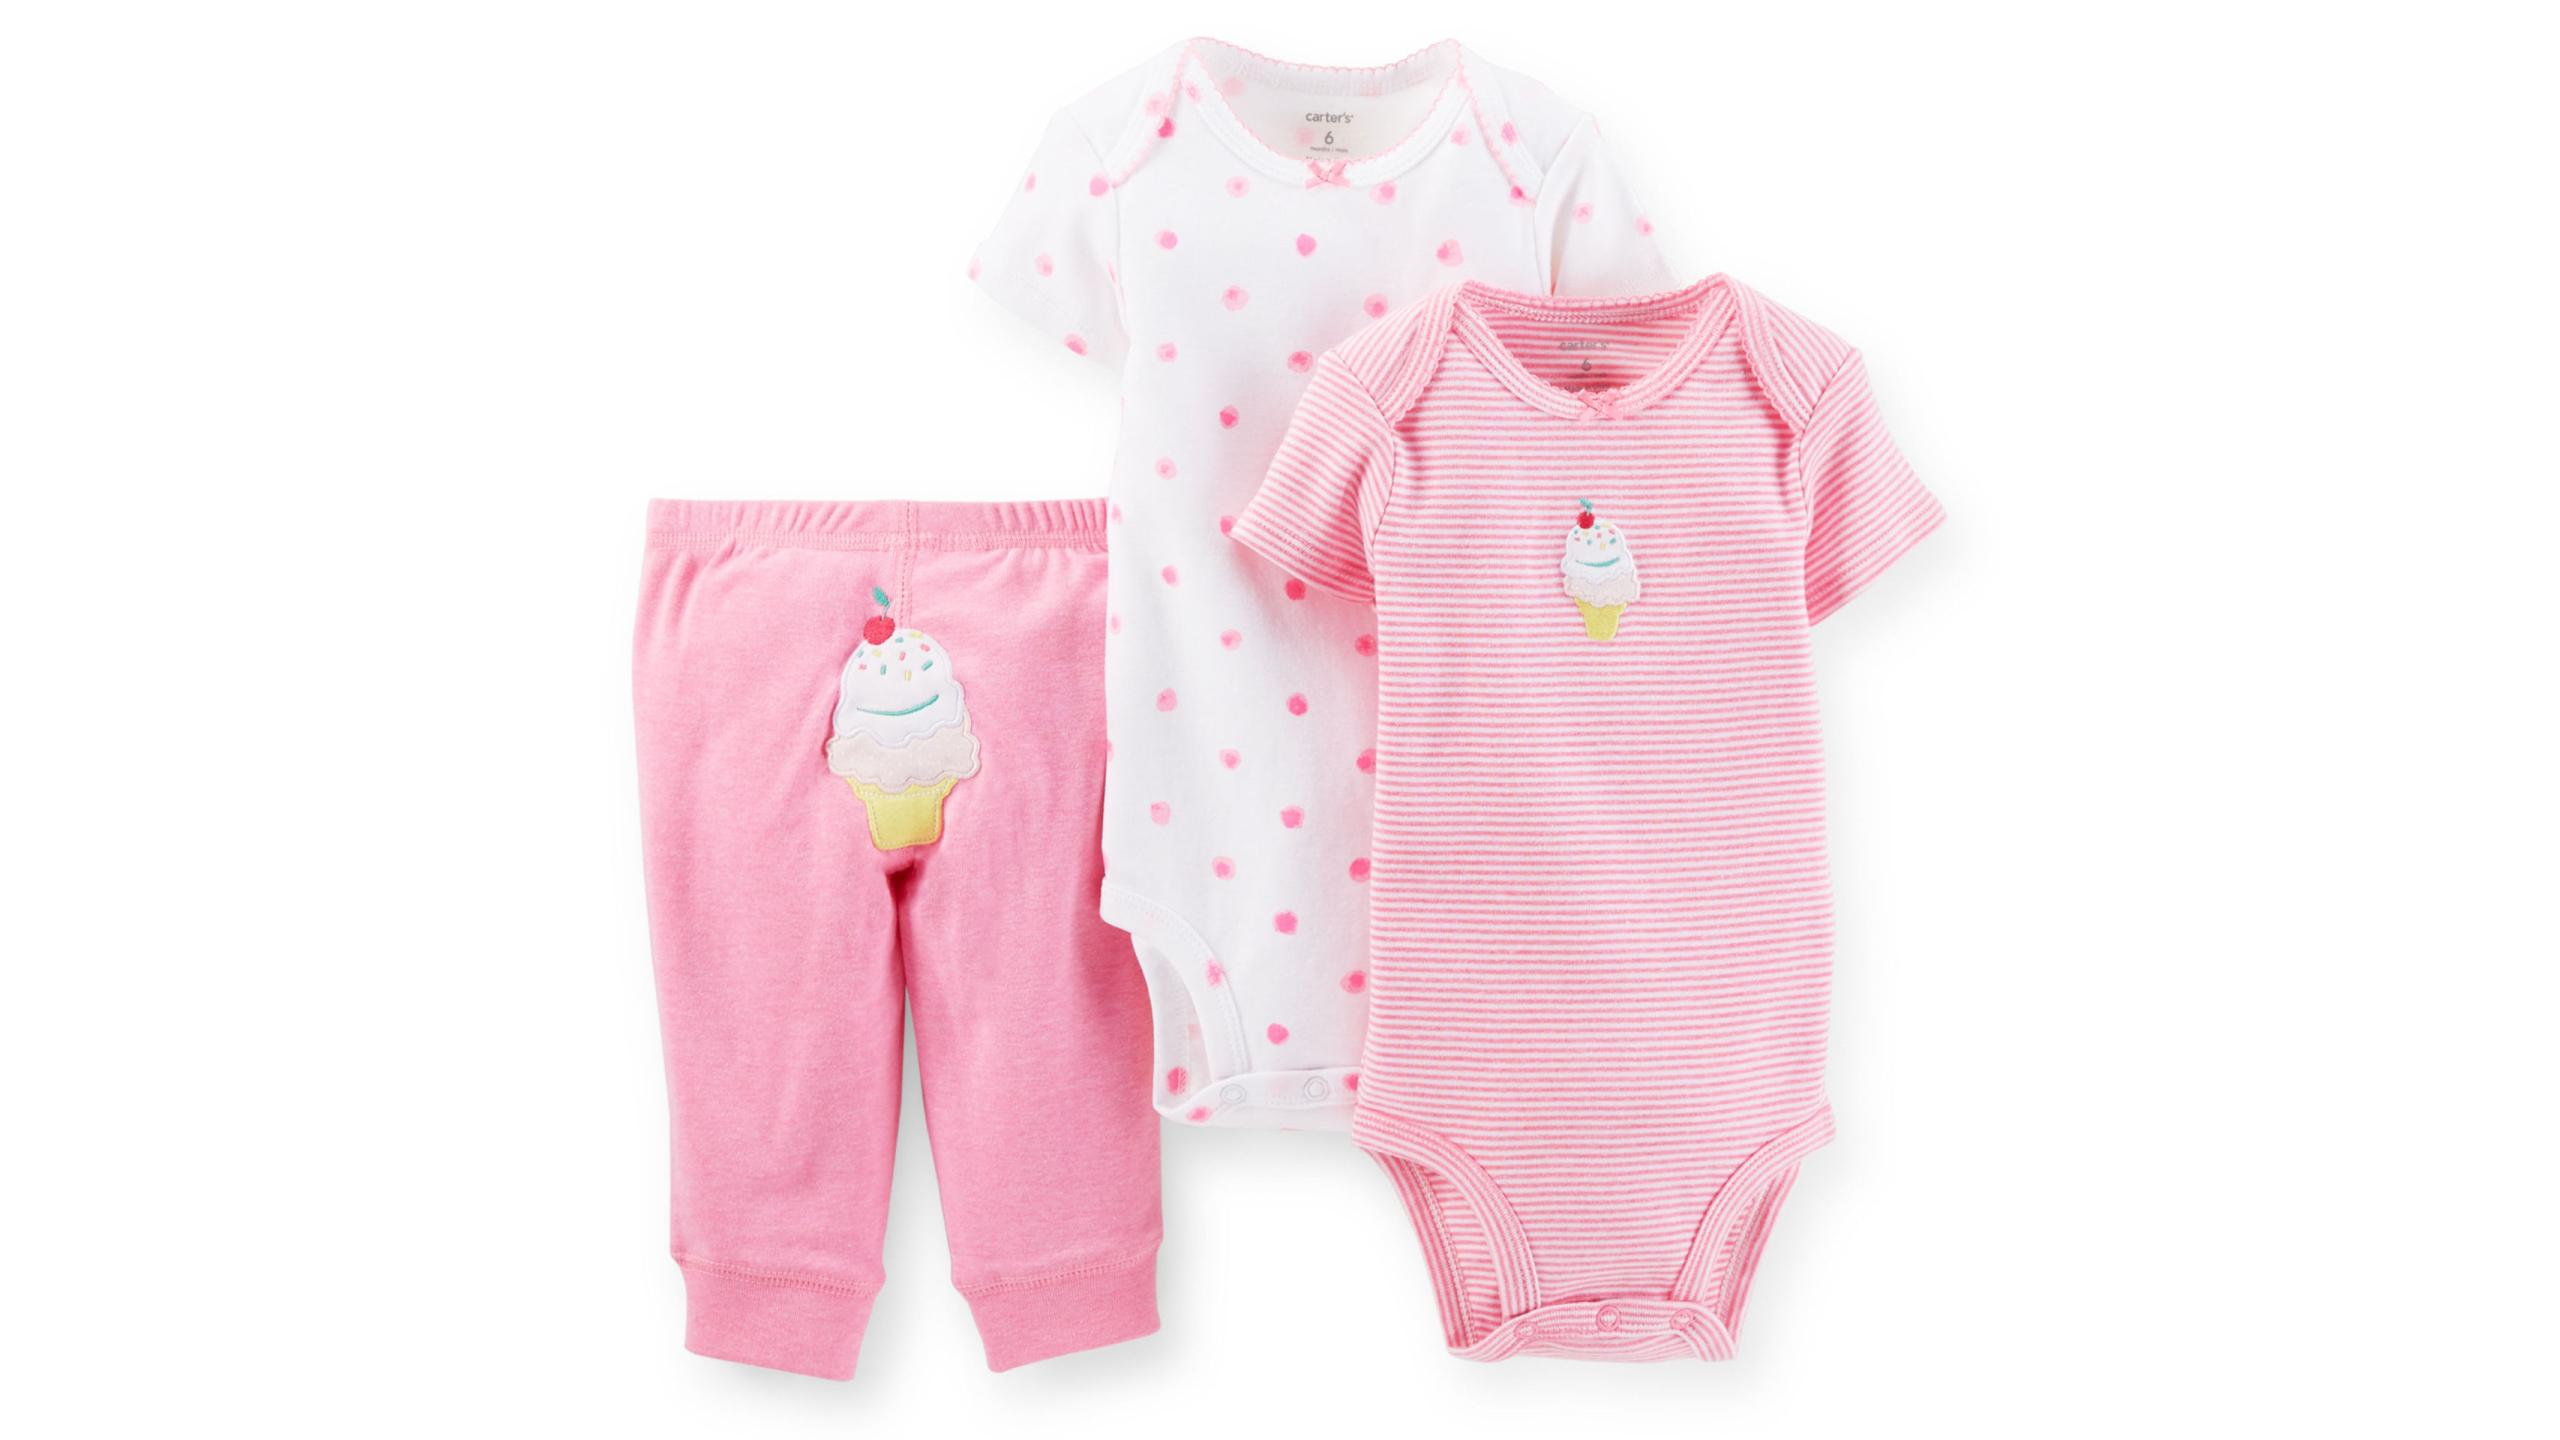 Детская одежда в интернет-магазине Little Store